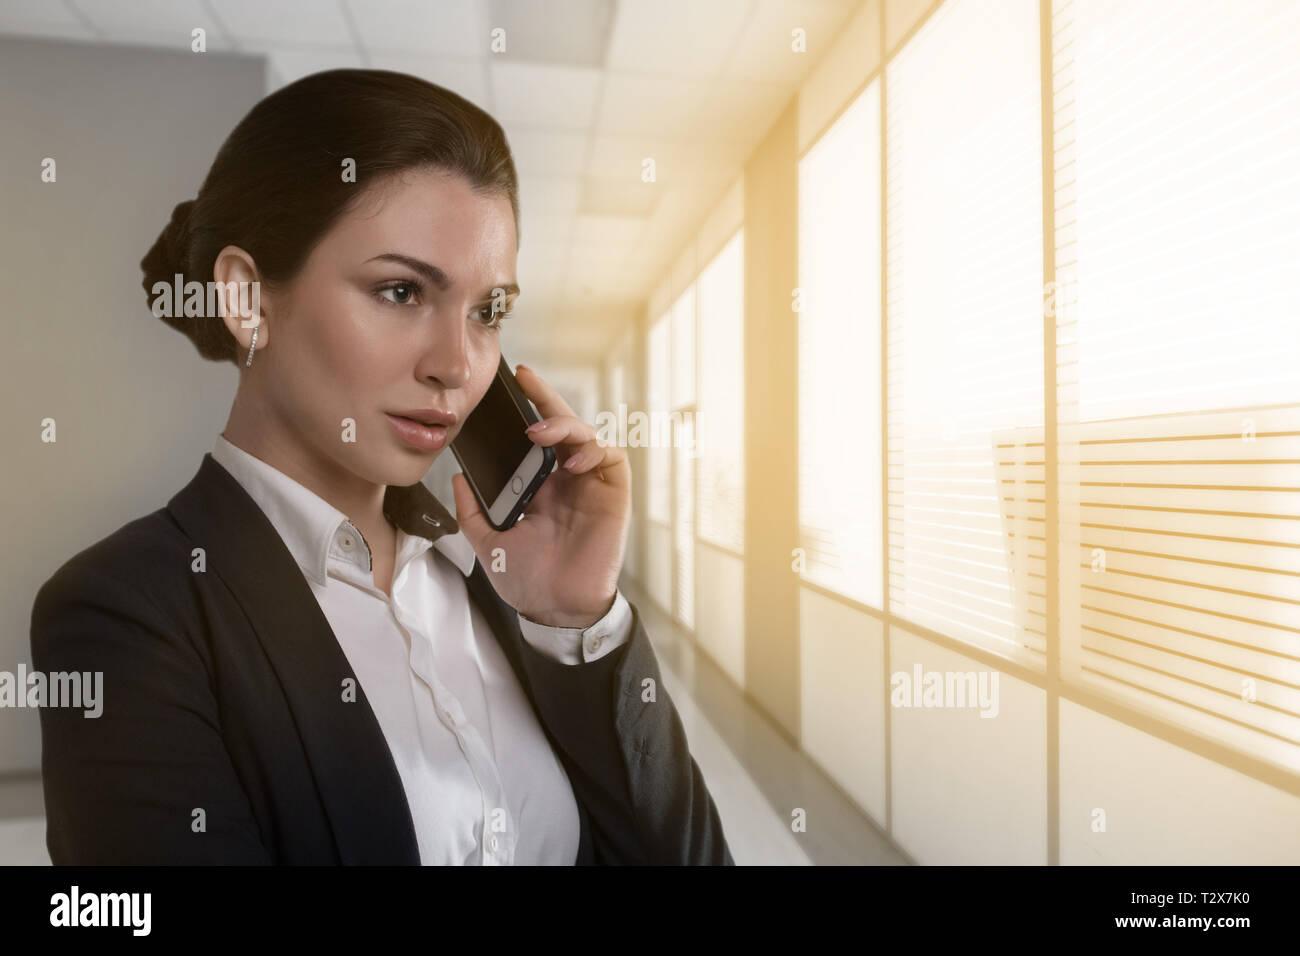 Portrat Der Jungen Schwere Frau Im Business Outfit Am Telefon Zu Sprechen Neben Dem Buro Fenster Stockfotografie Alamy